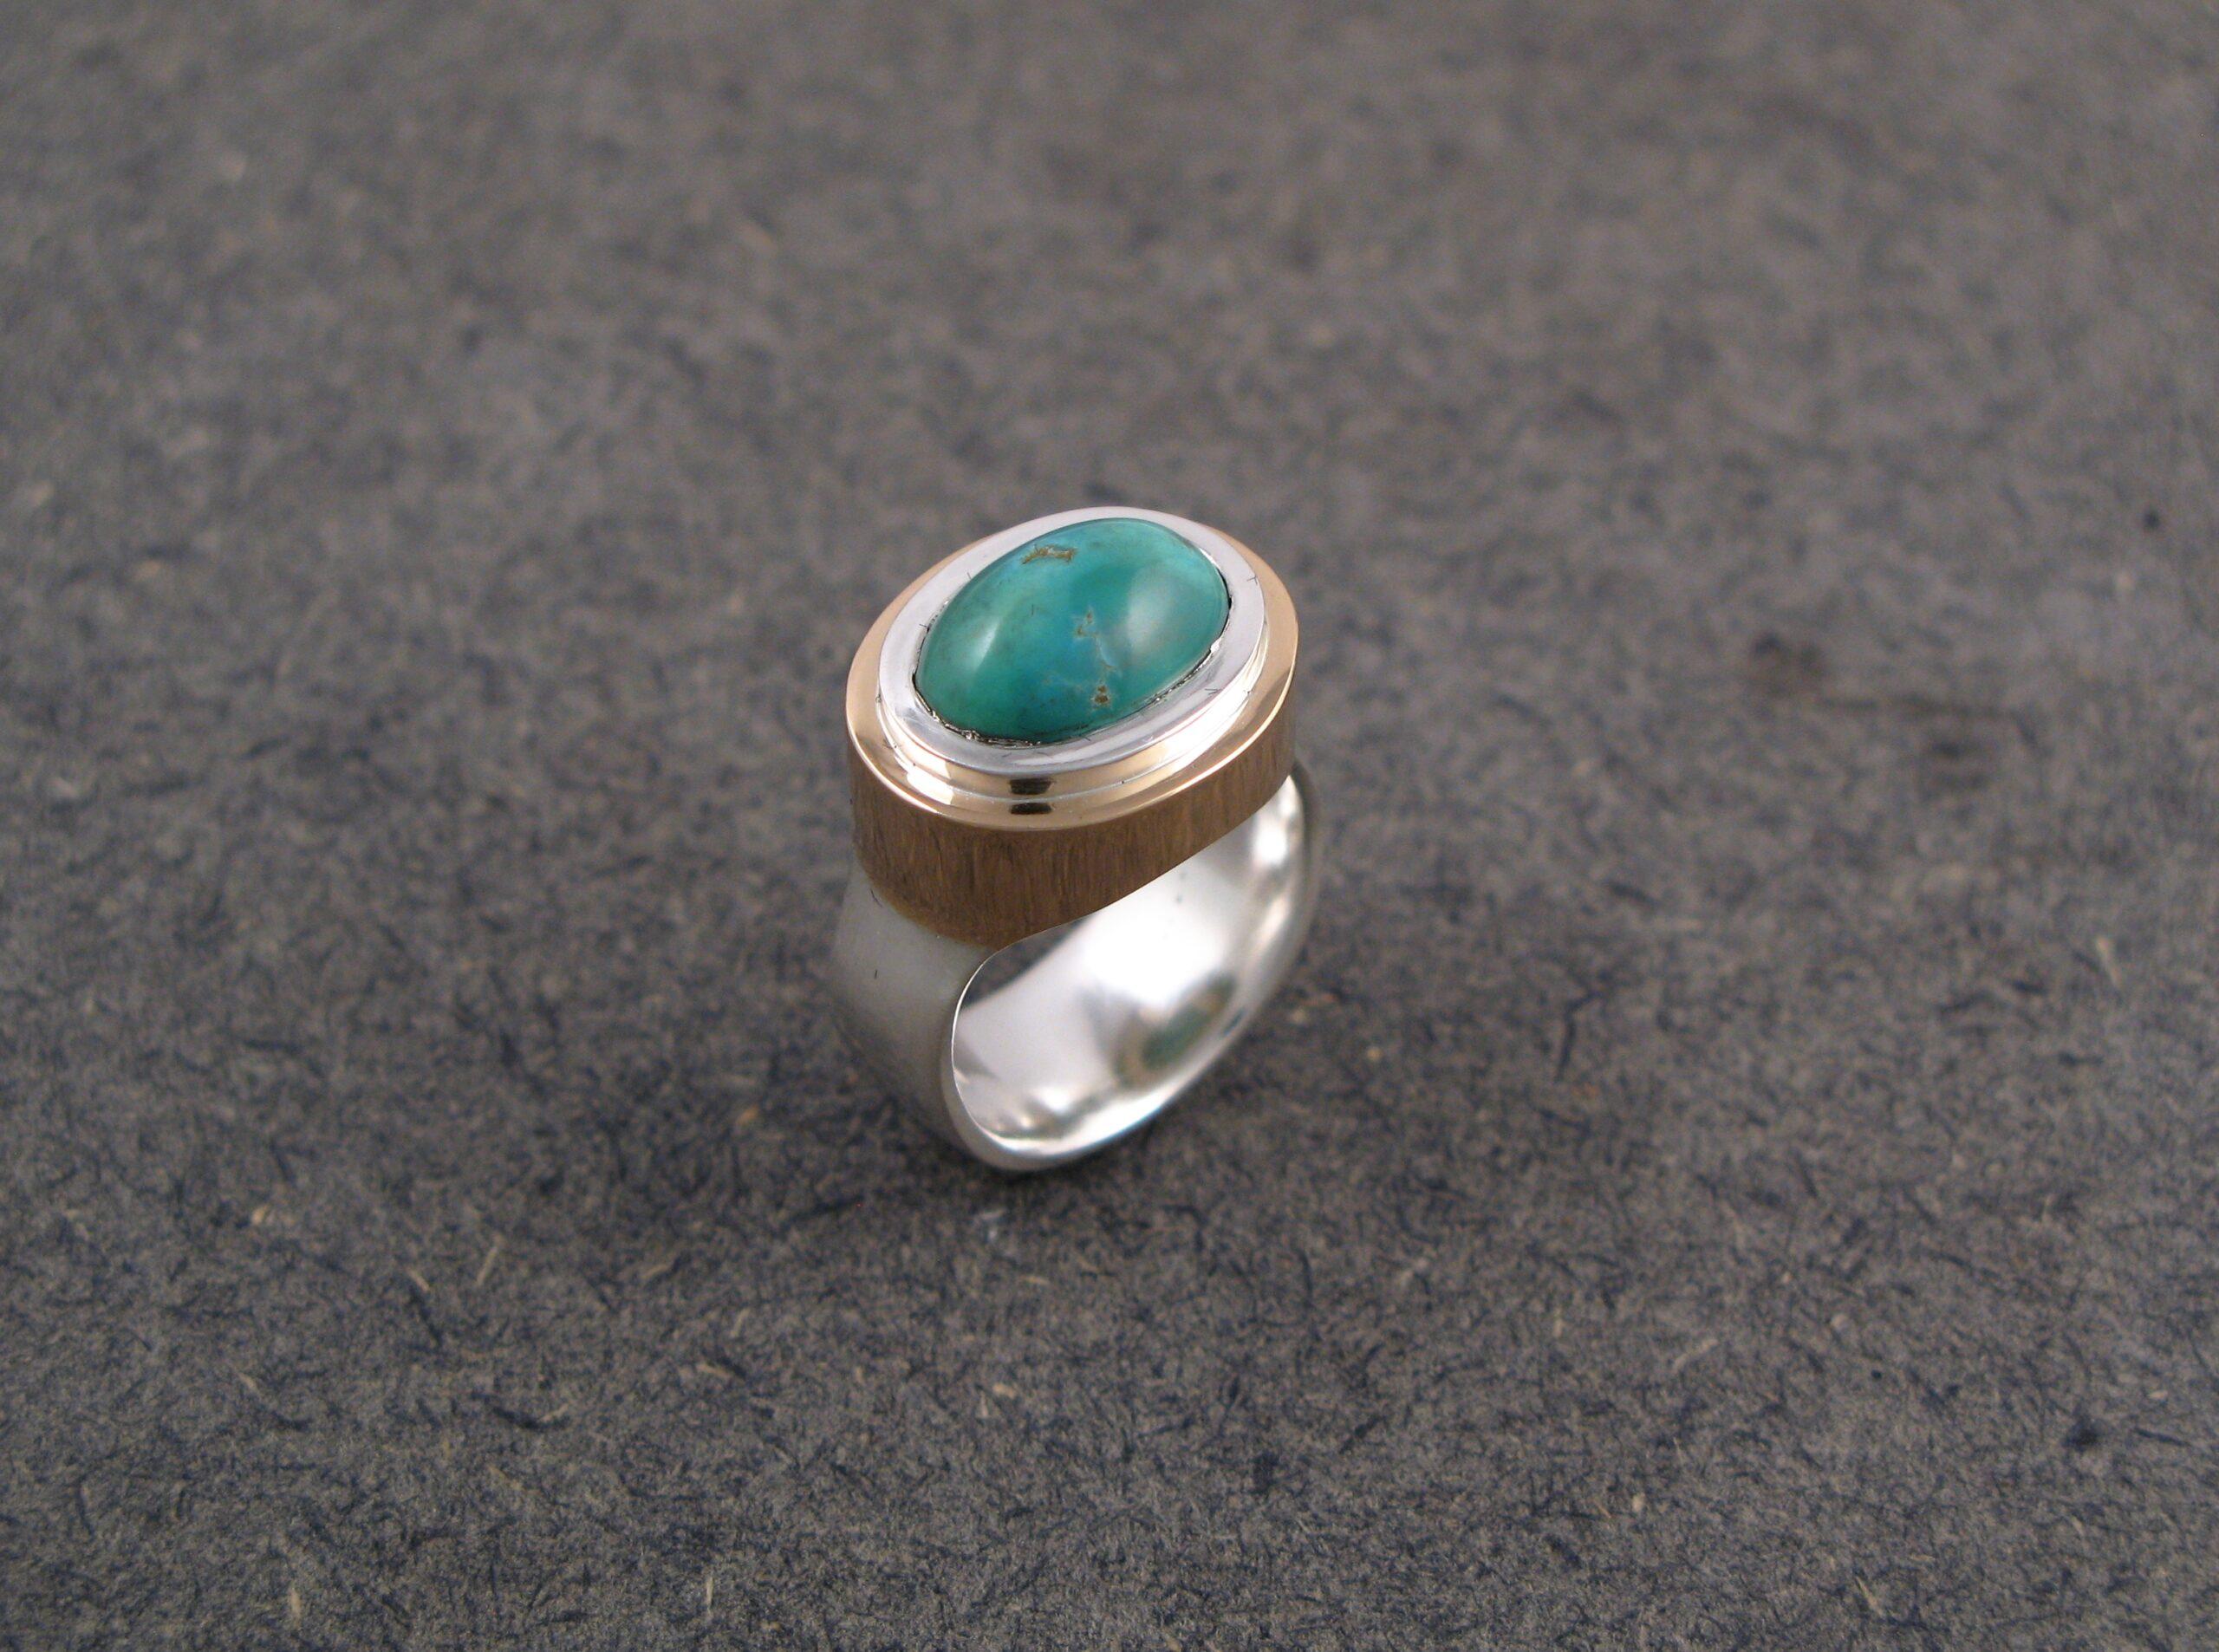 Ring, silver, guld och turkos.